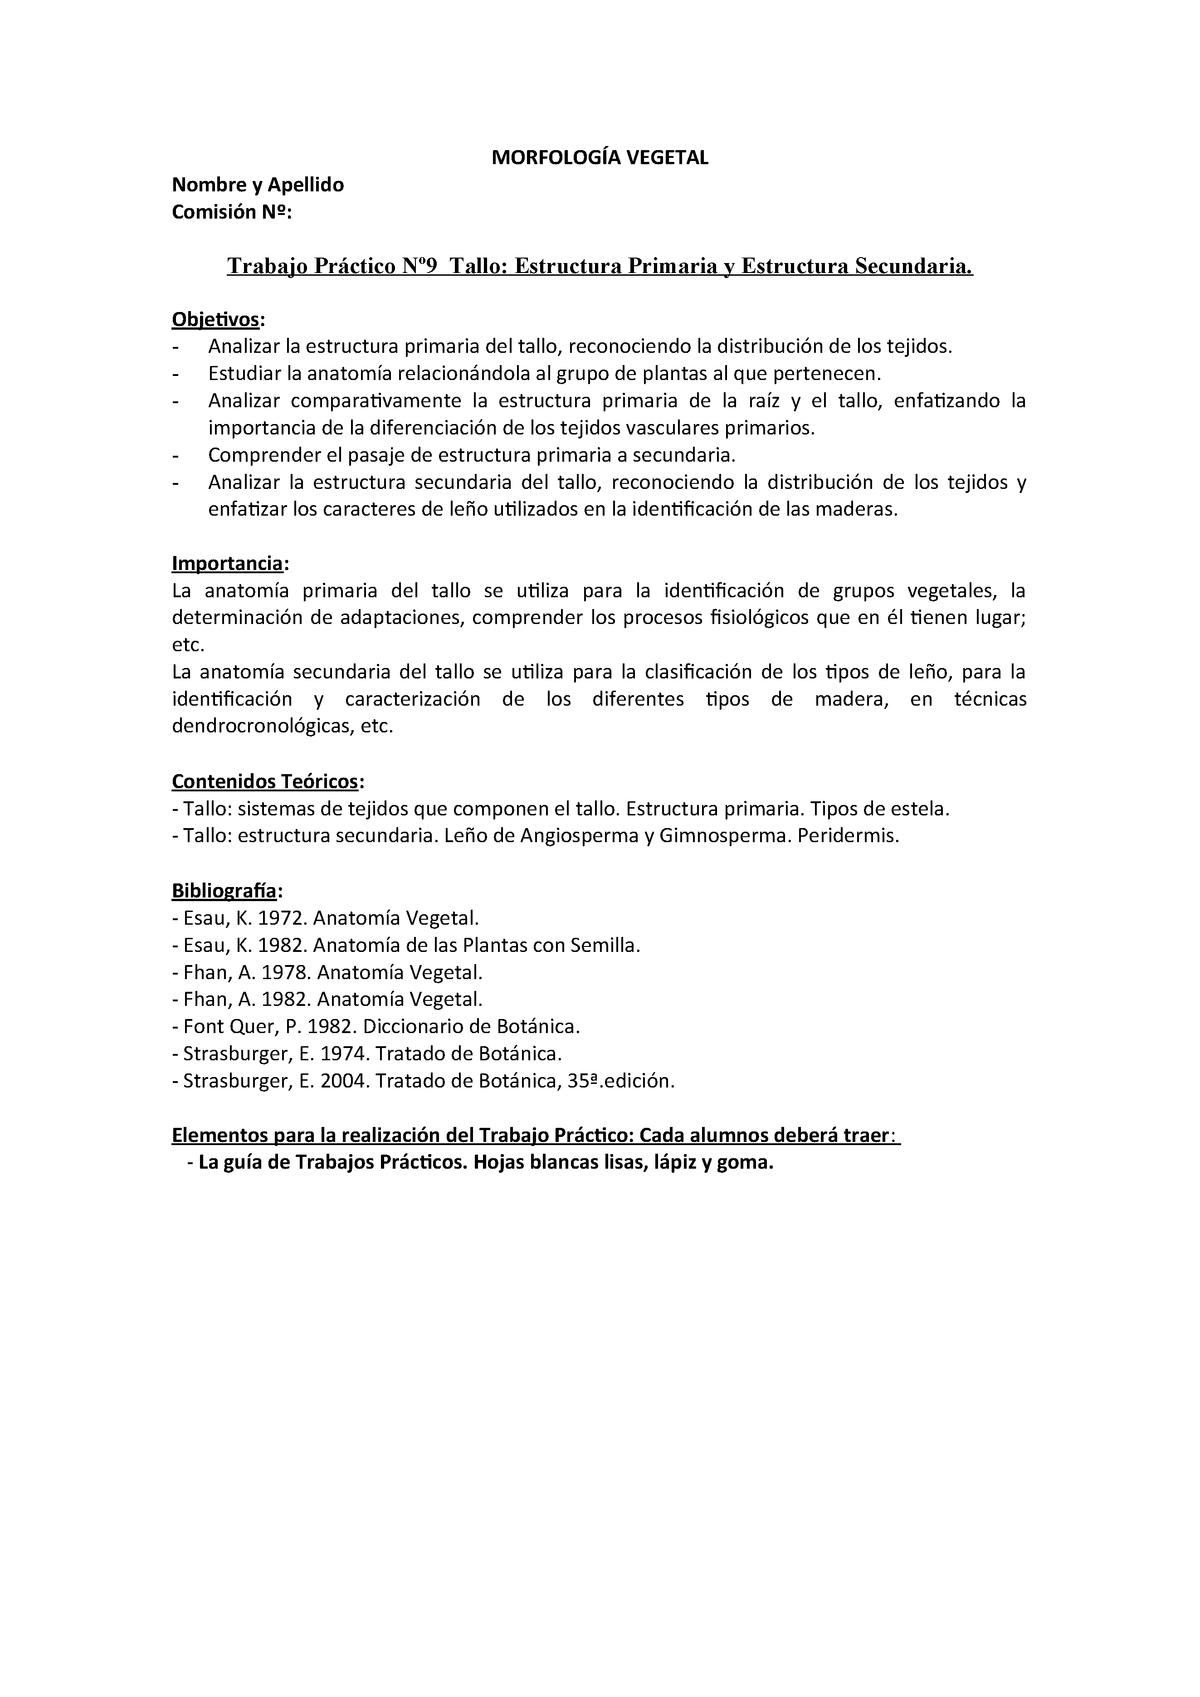 Tpnº 9 Tallo Estruct Pria Y Sria Morfologia Vegetal 06